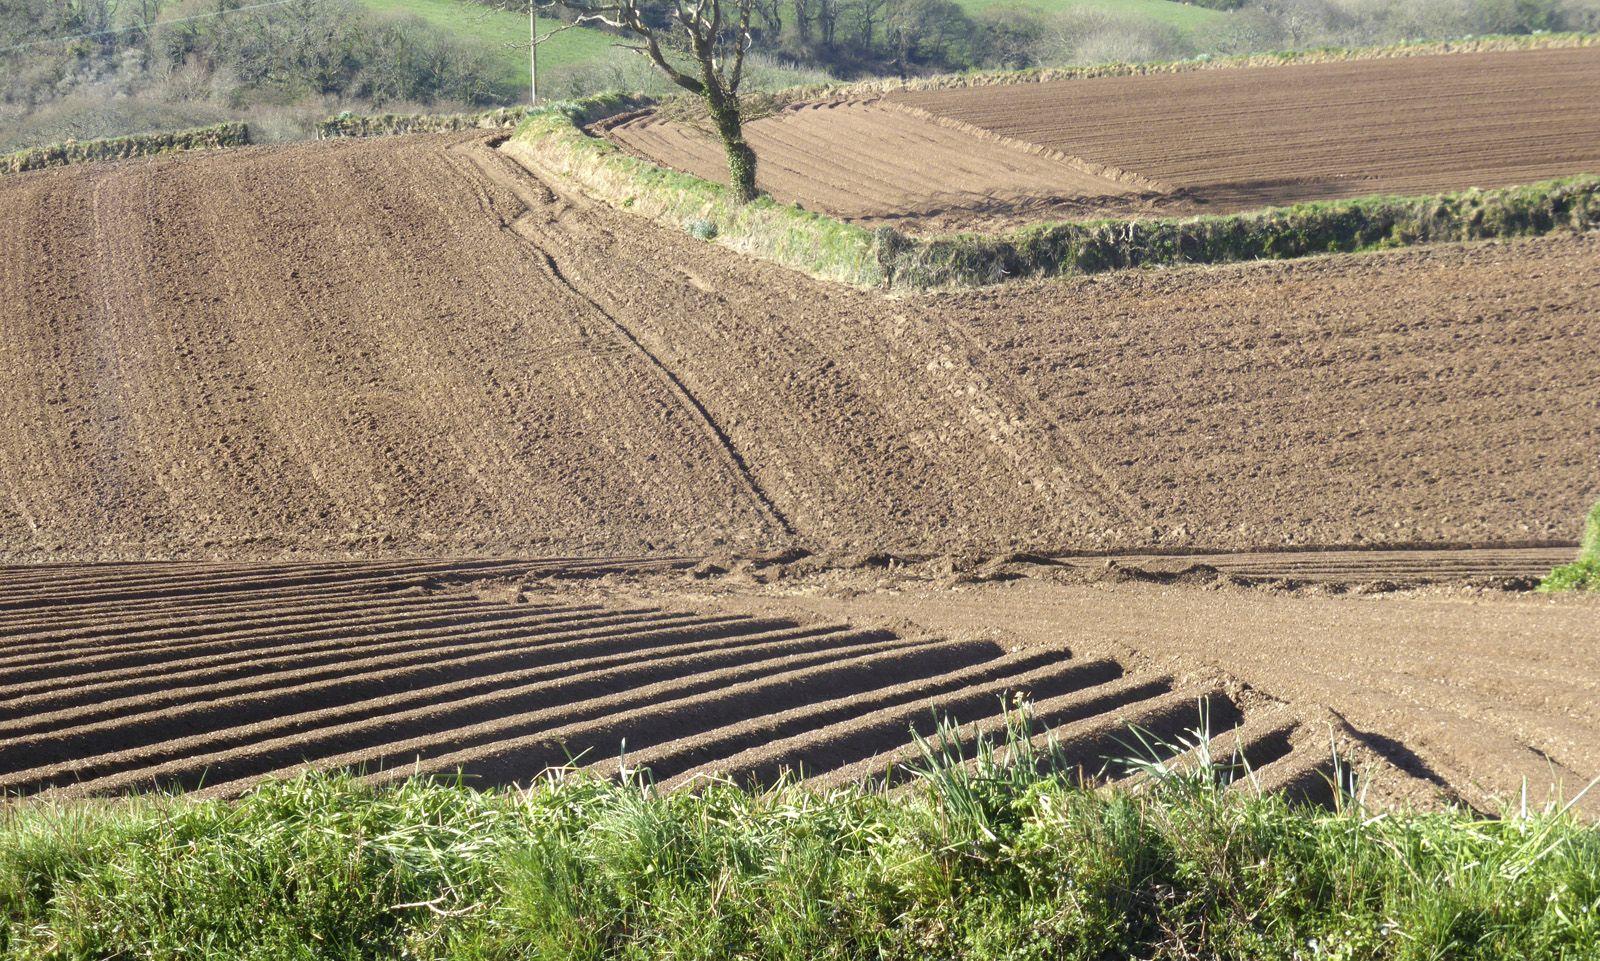 Ploughed fields - Ann